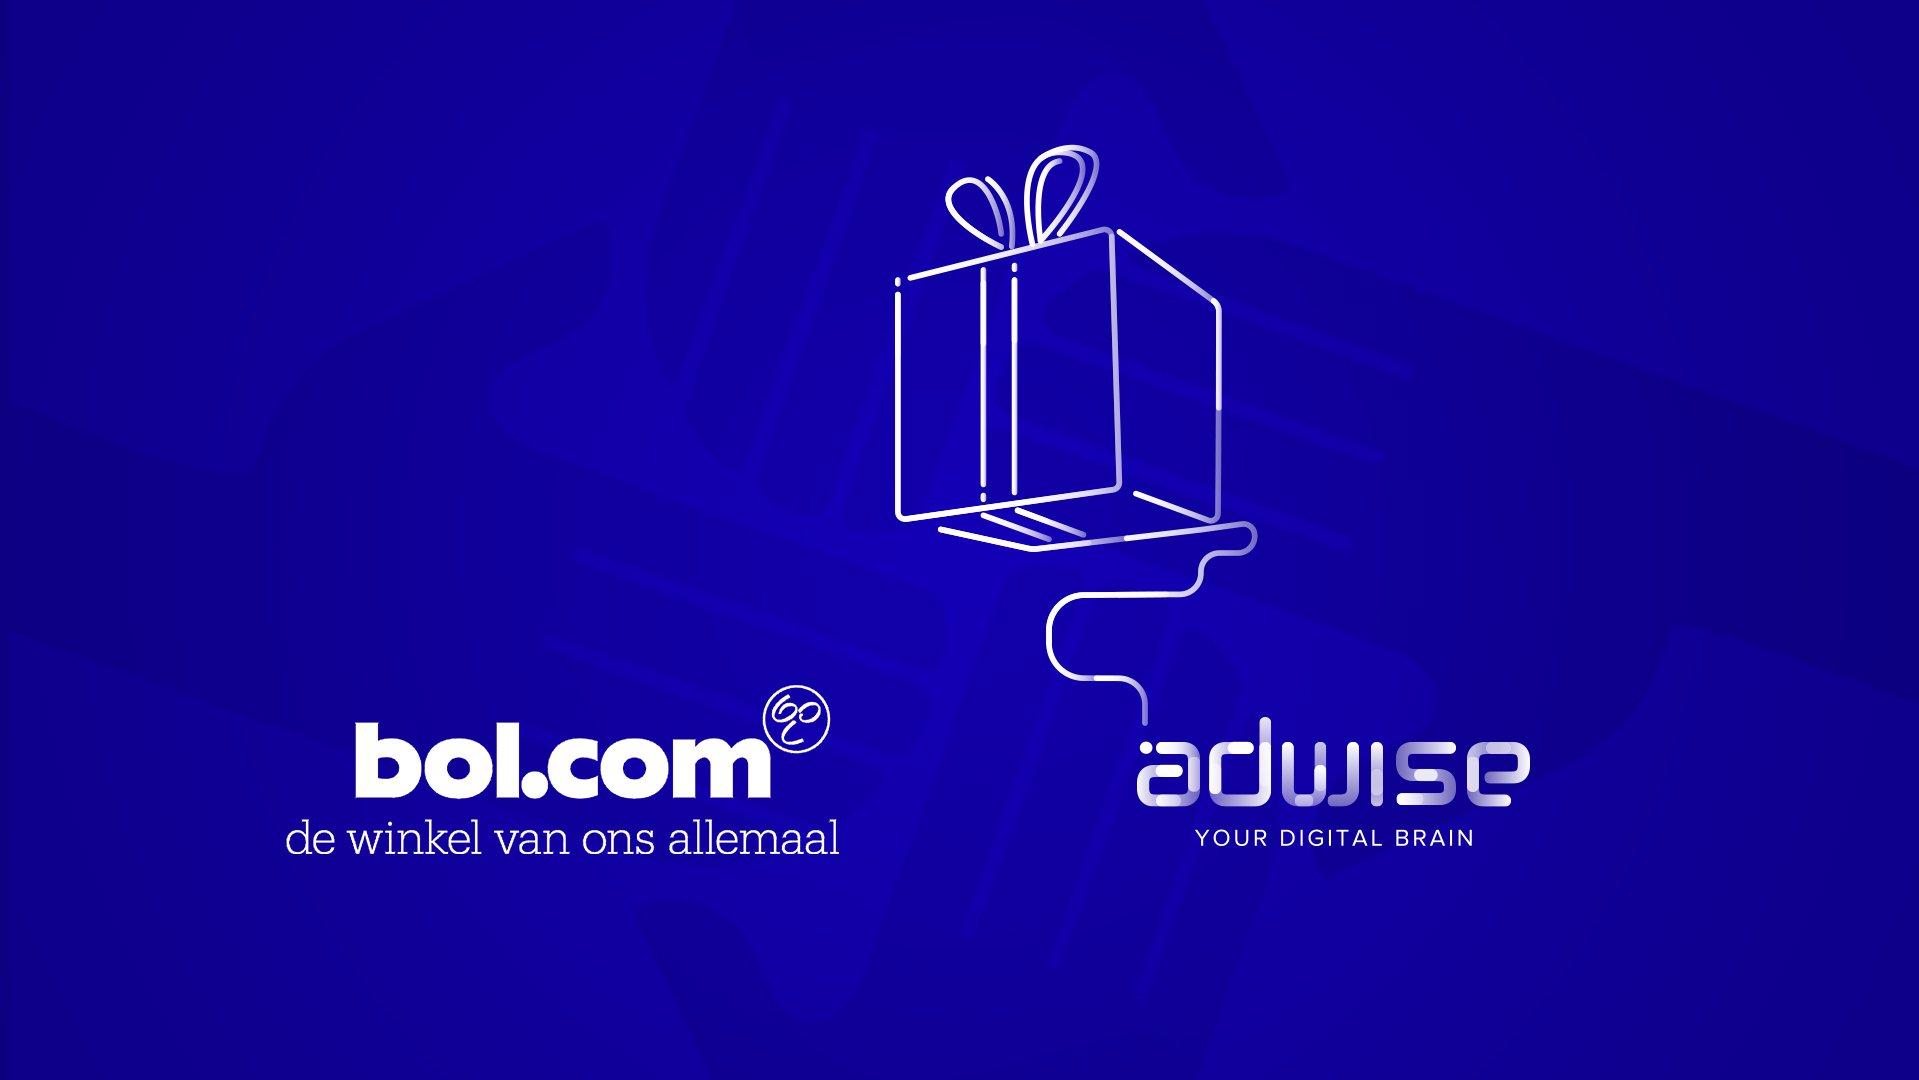 Adwise is uitgeroepen tot Gold Partner van bol.com